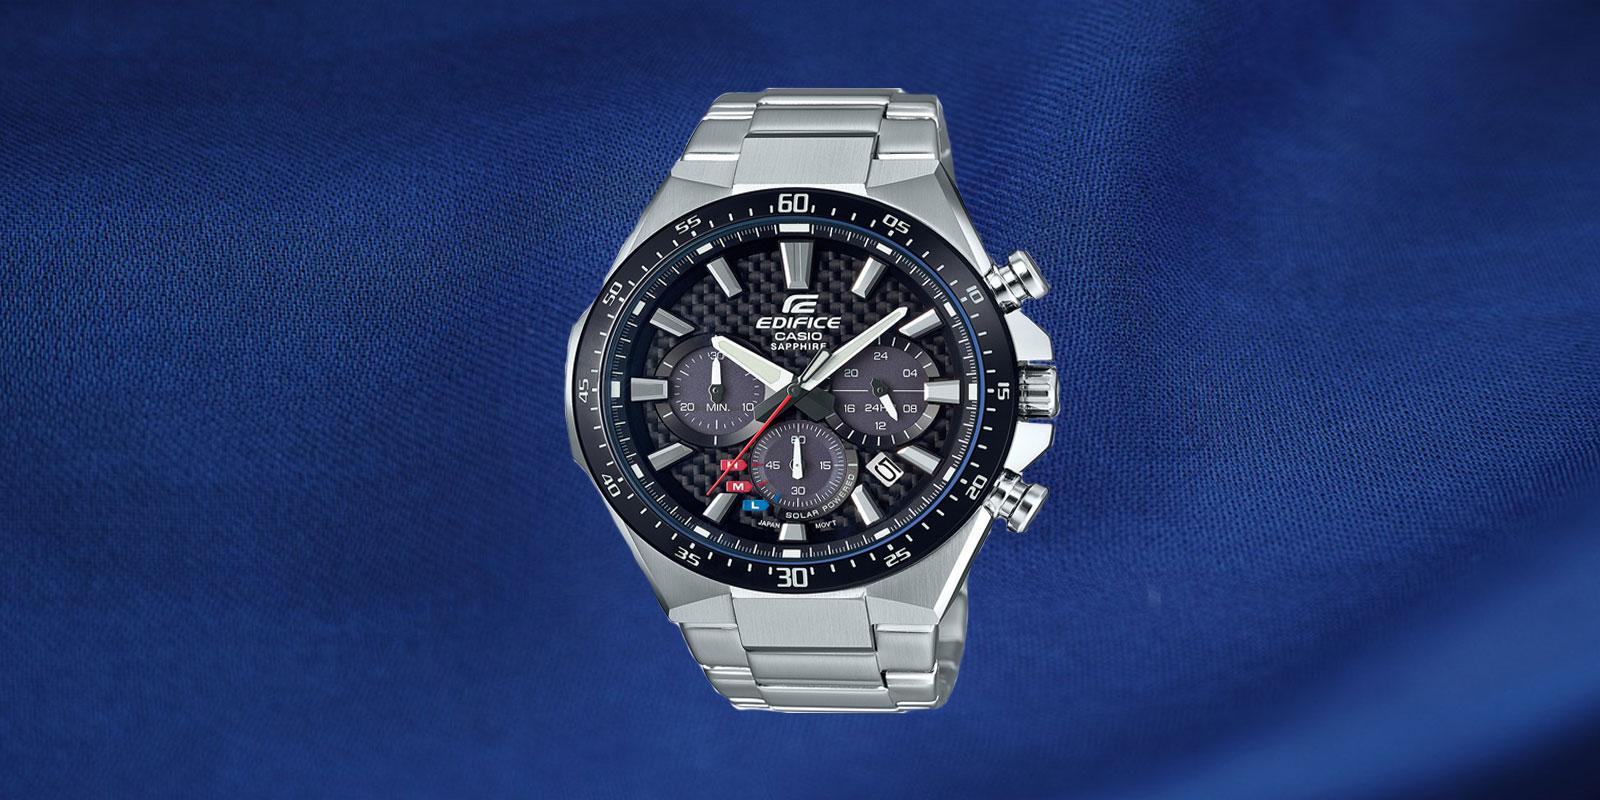 mister-watch-gioielleria-orologeria-biella-borgomanero-casio-edifice-shappire